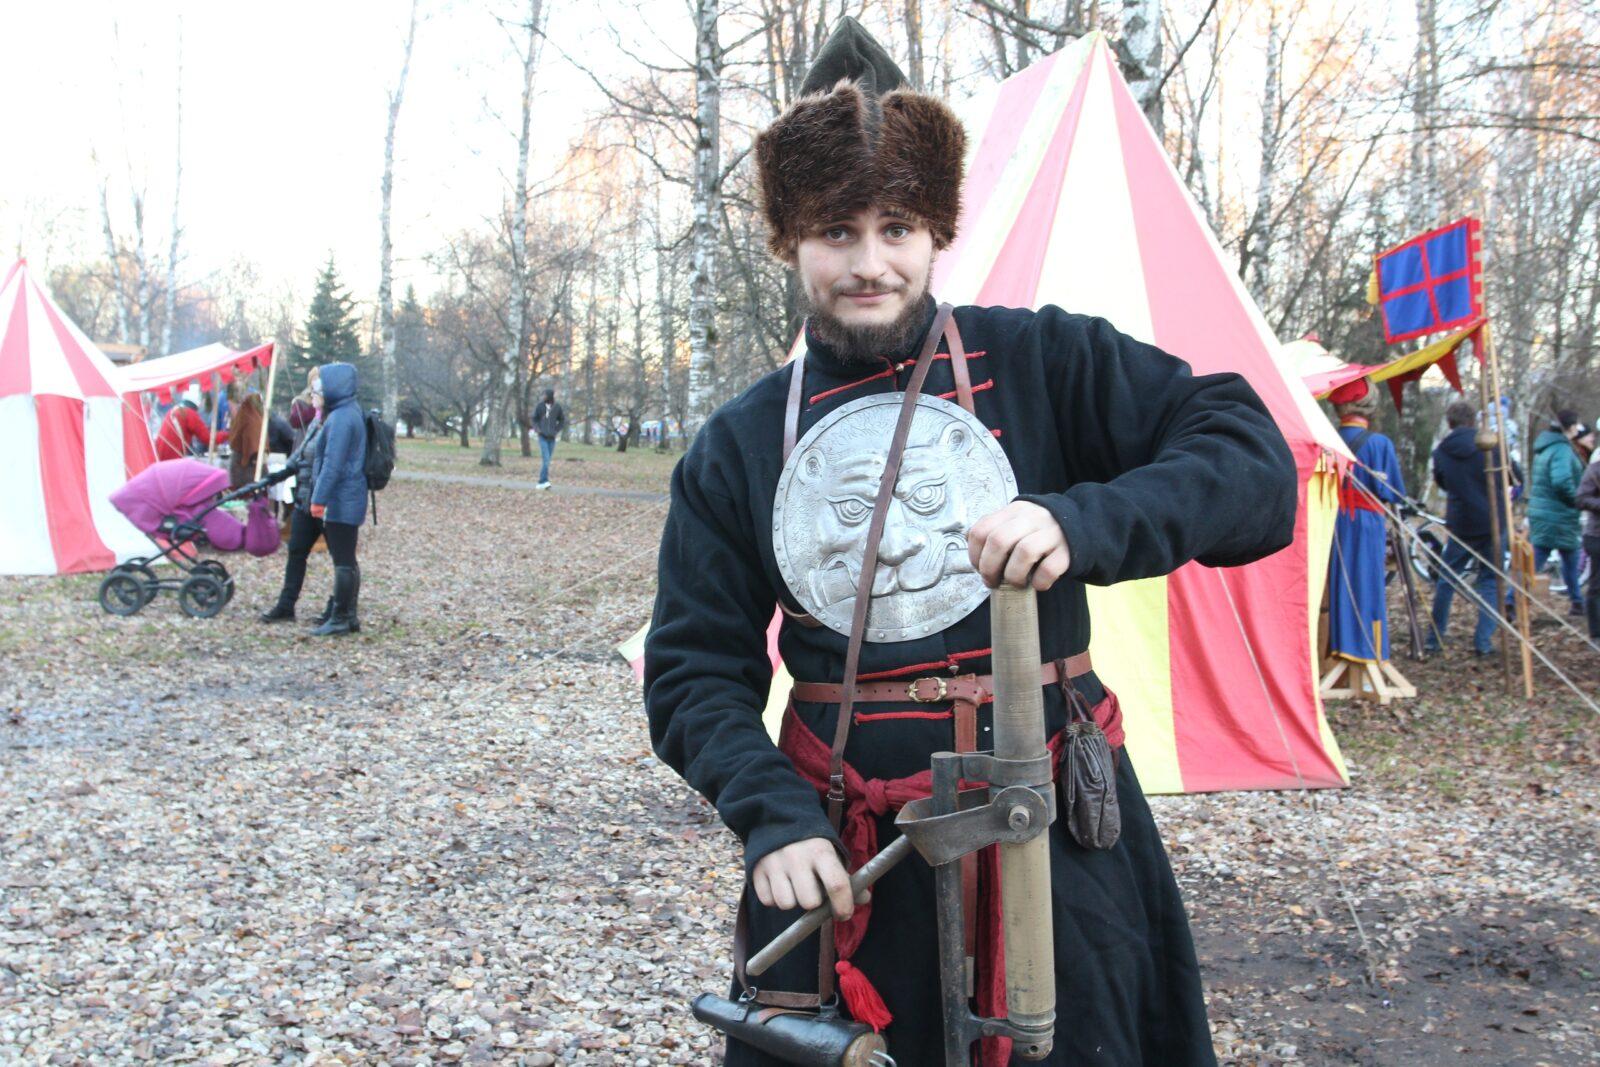 Гости Фестиваля реконструкции в Твери смогут записаться в рекруты и принять участие в сражении